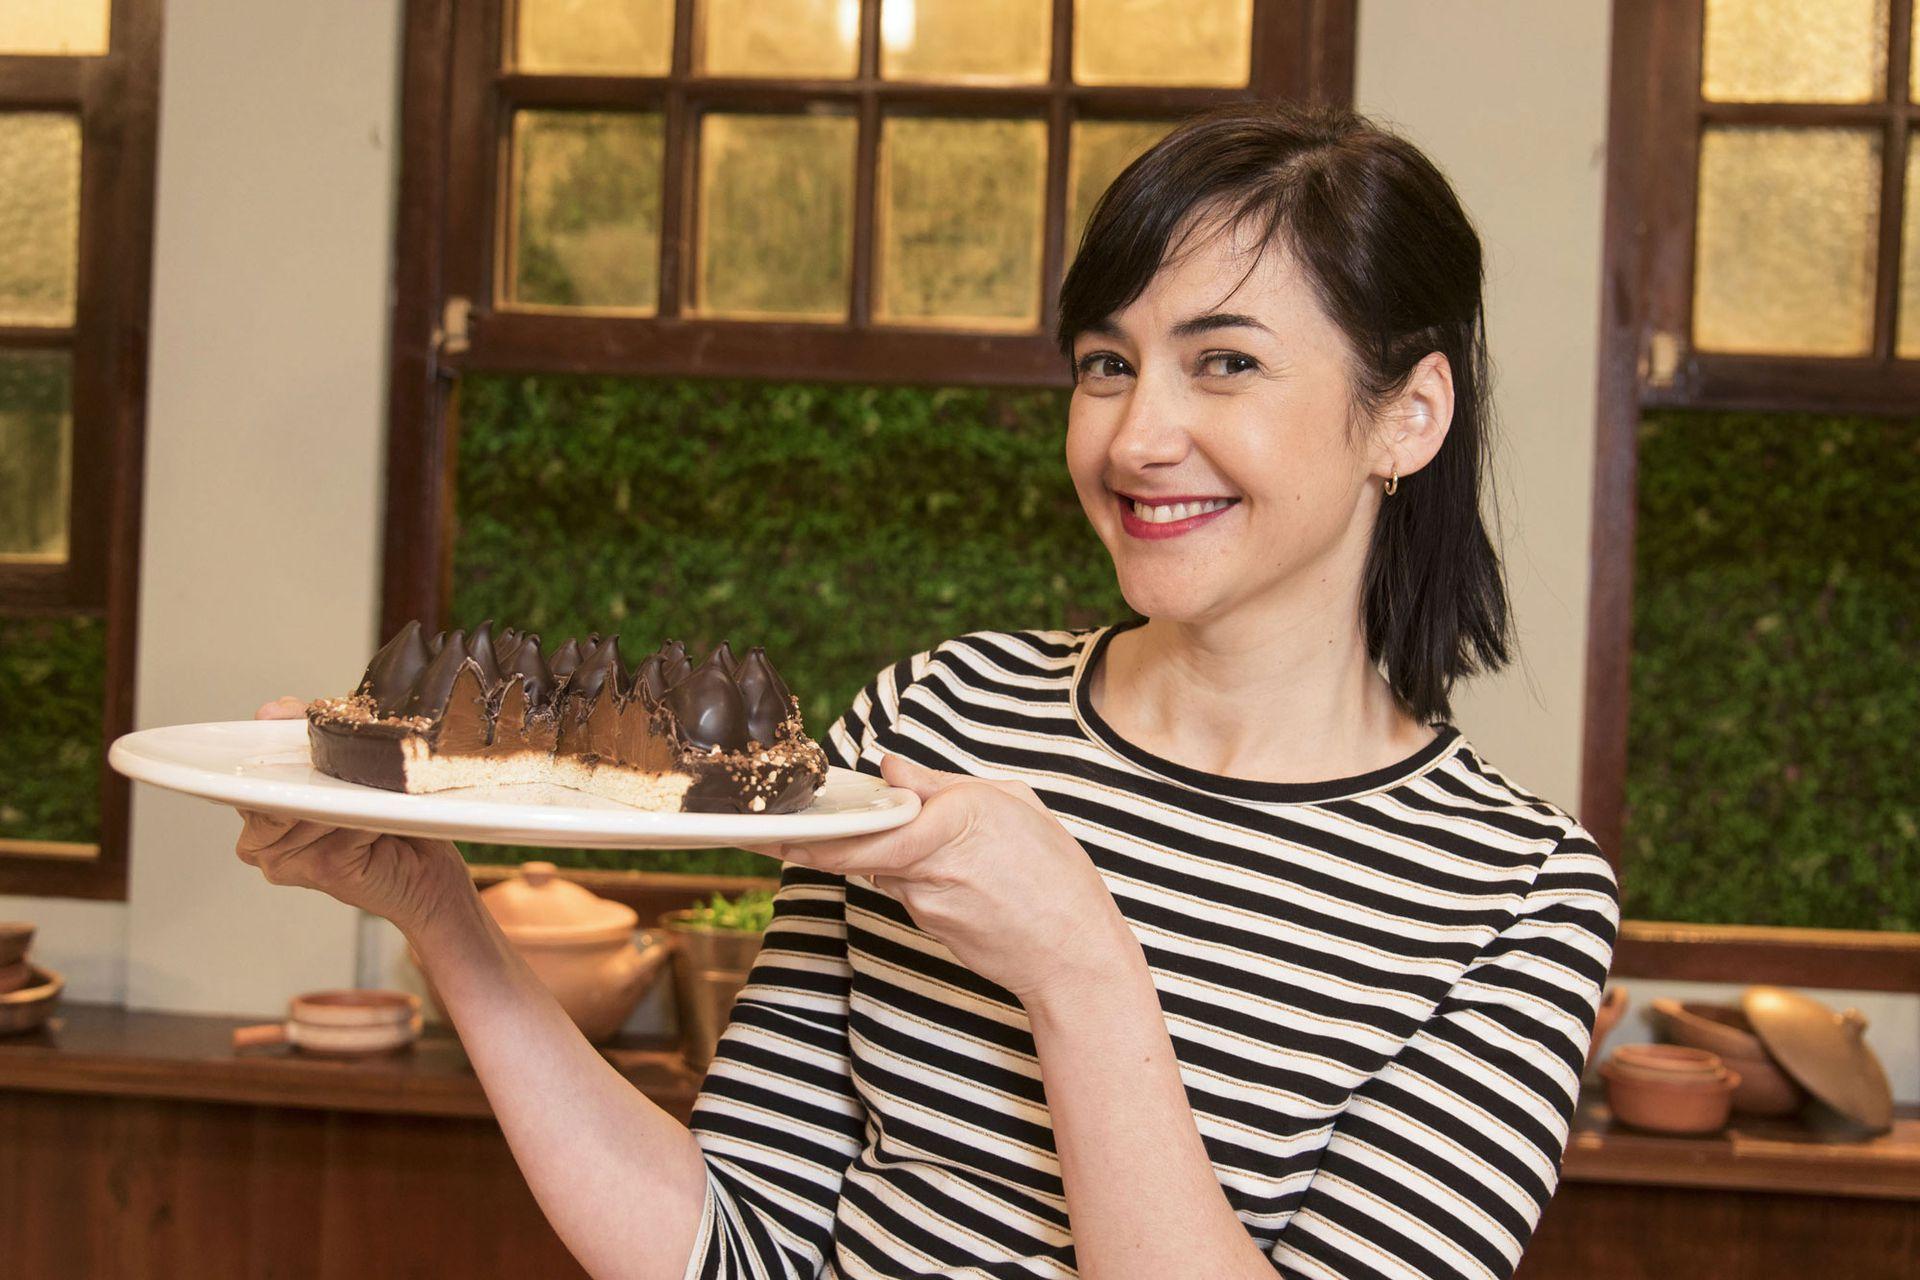 Ximena, la cocinera más didáctica y simpática de la televisión